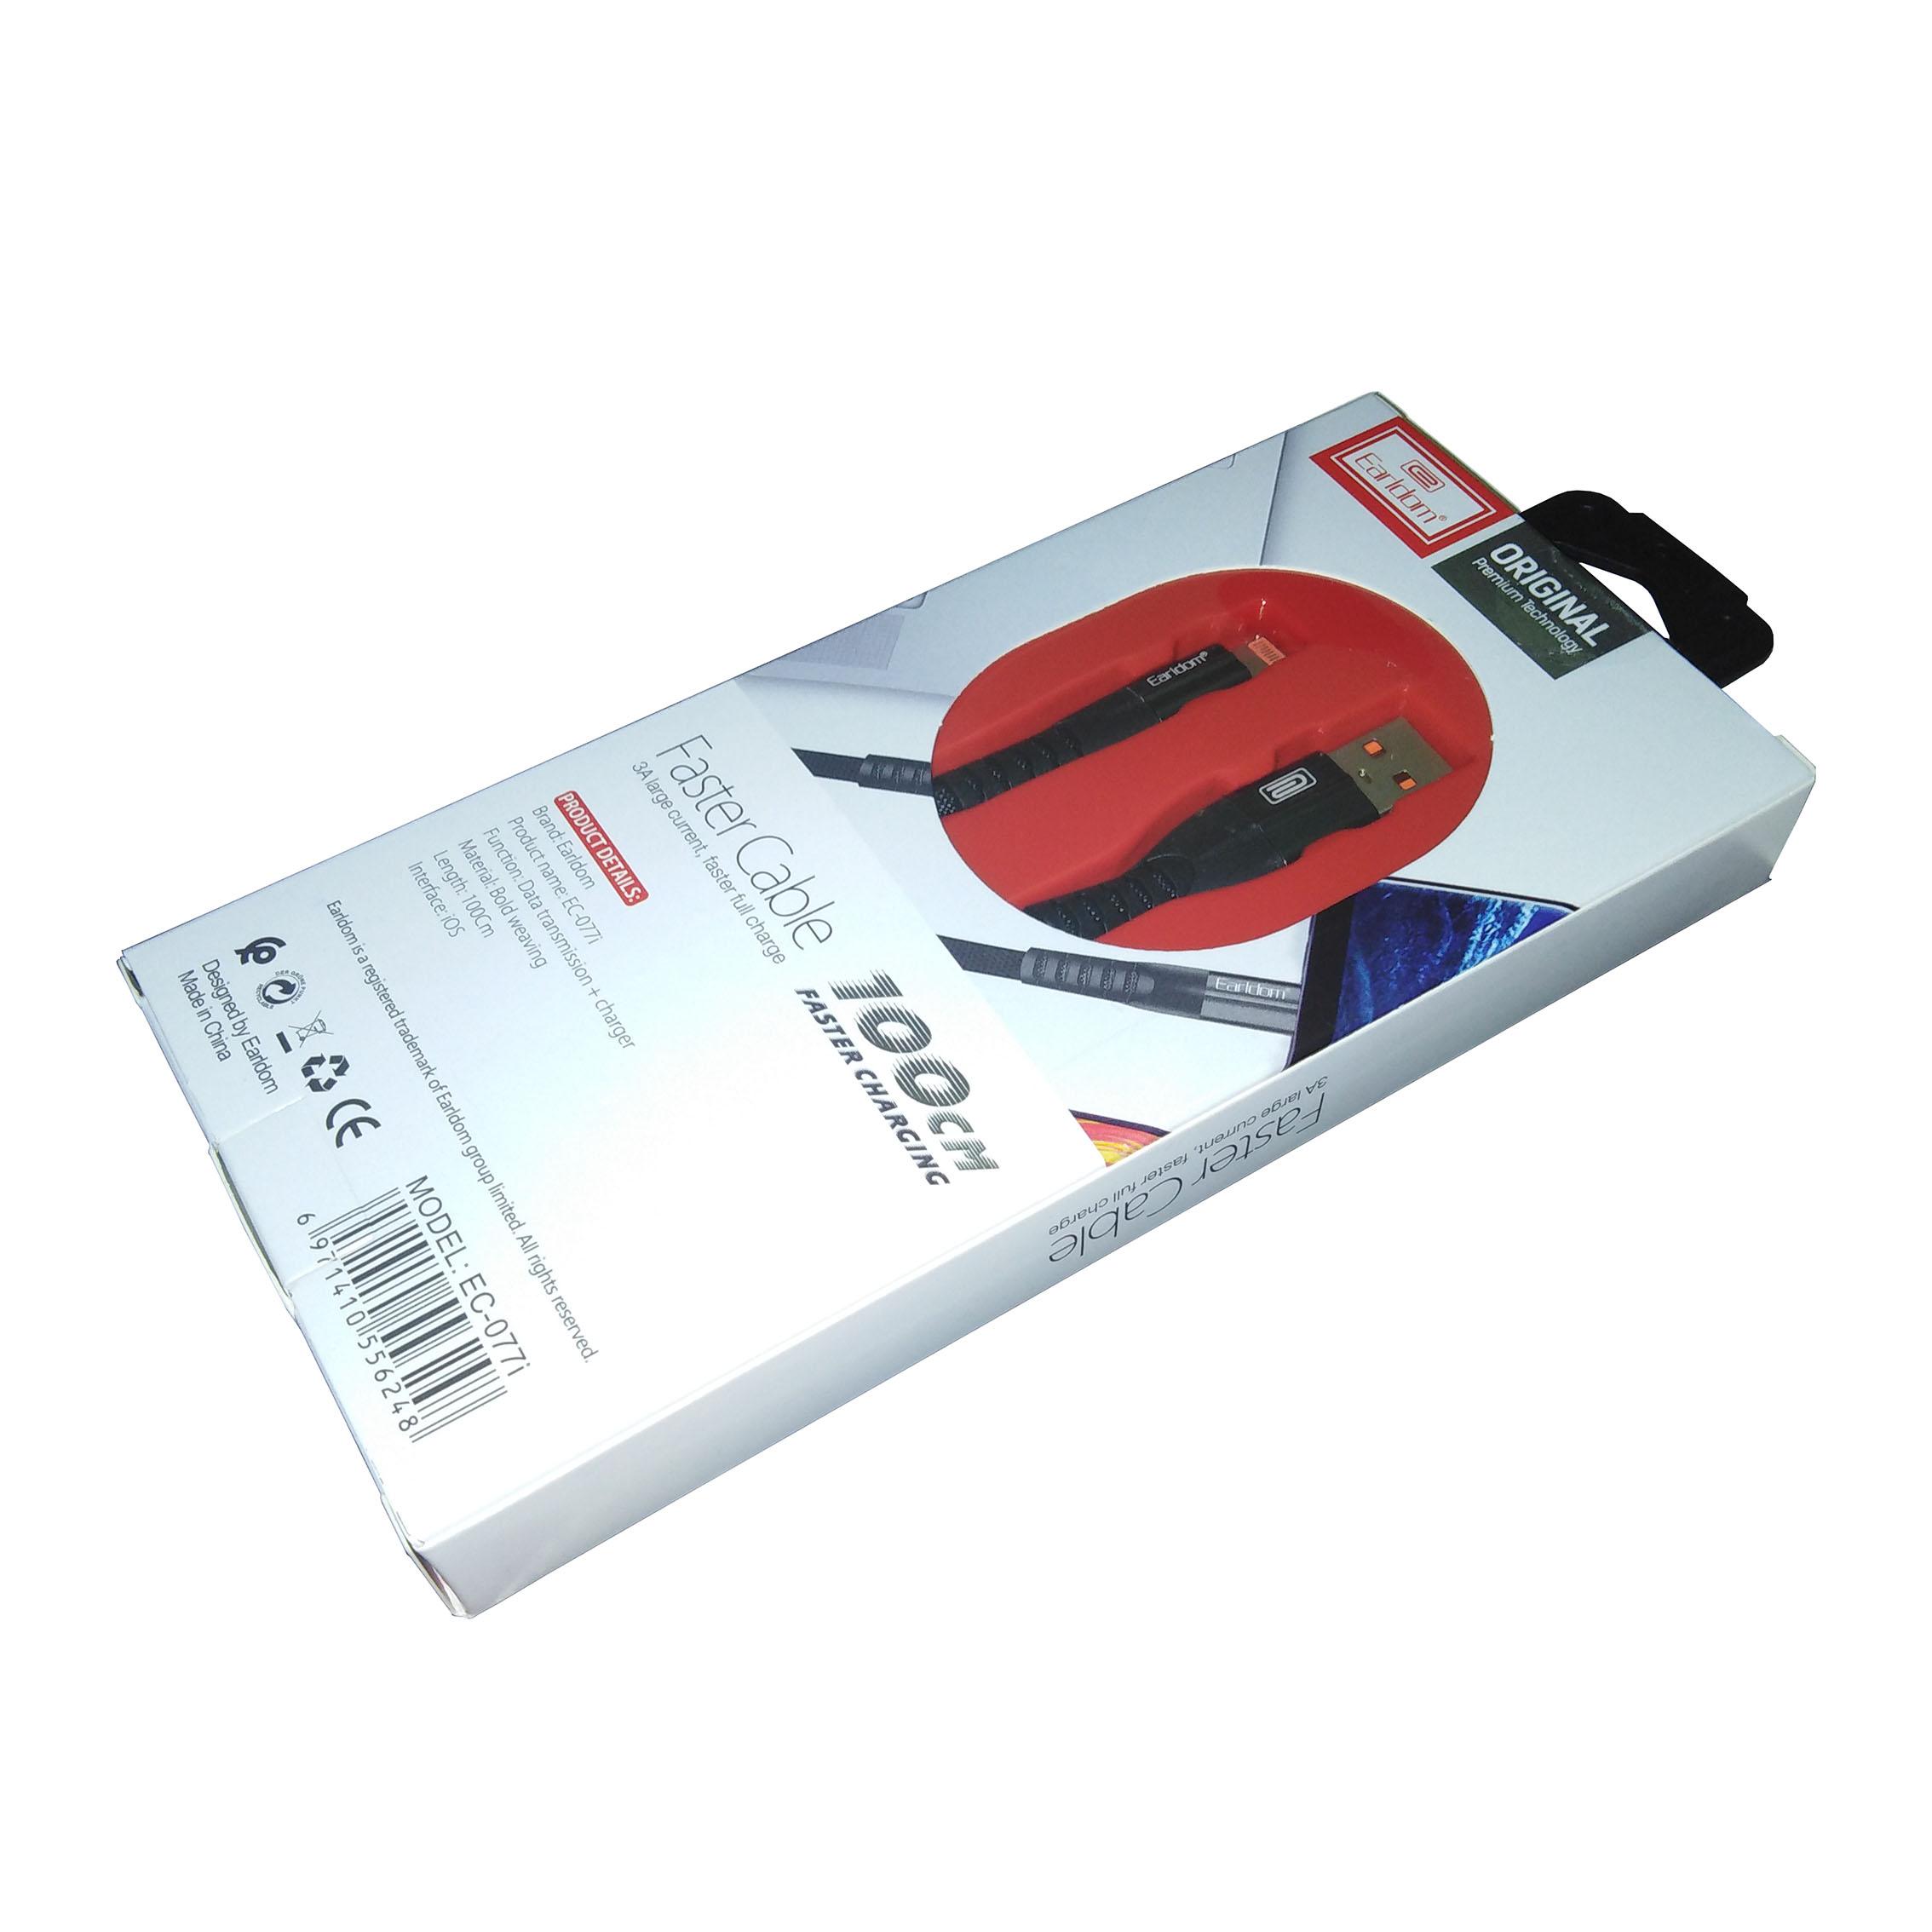 کابل تبدیل USB به لایتنینگ ارلدام مدل EC-077i طول 1 متر